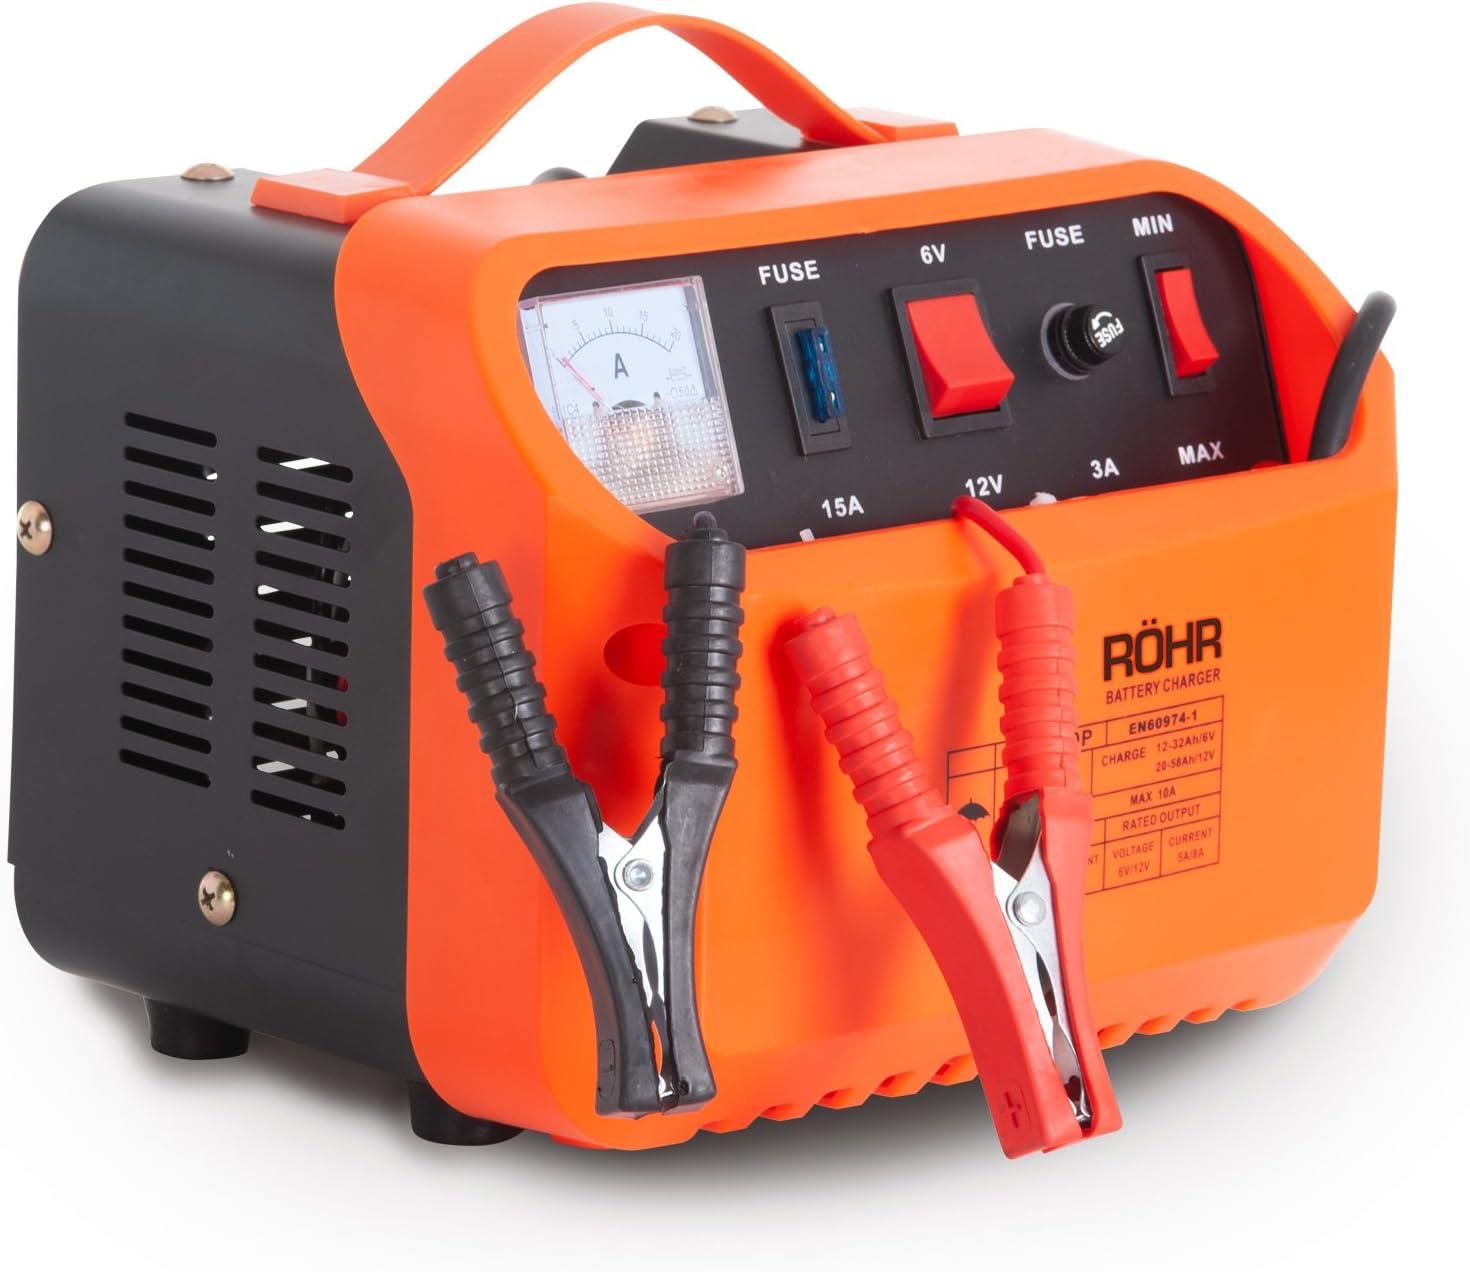 Röhr DFC-10P - Cargador Batería de Coche con 2 Modos Turbo y Lento - Tecnología reparación y Mantenimiento - 10 A - 6 V/12 V